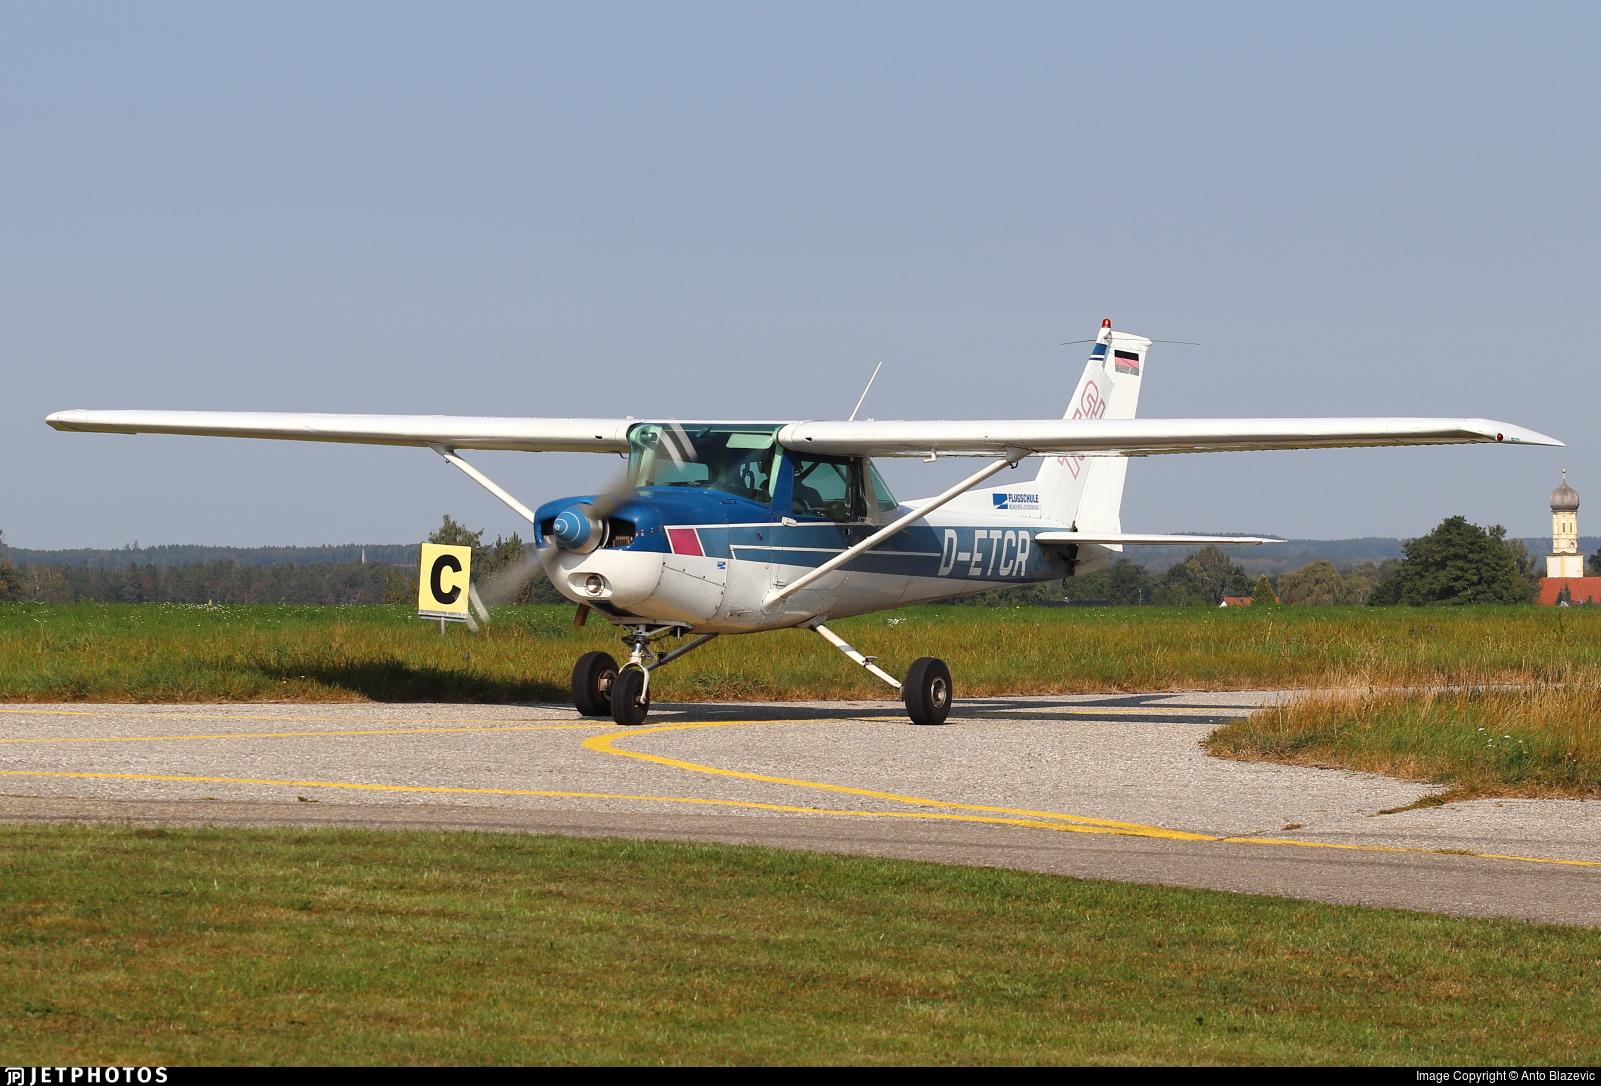 D-ETCR - Cessna 152 - Flugschule Jesenwang